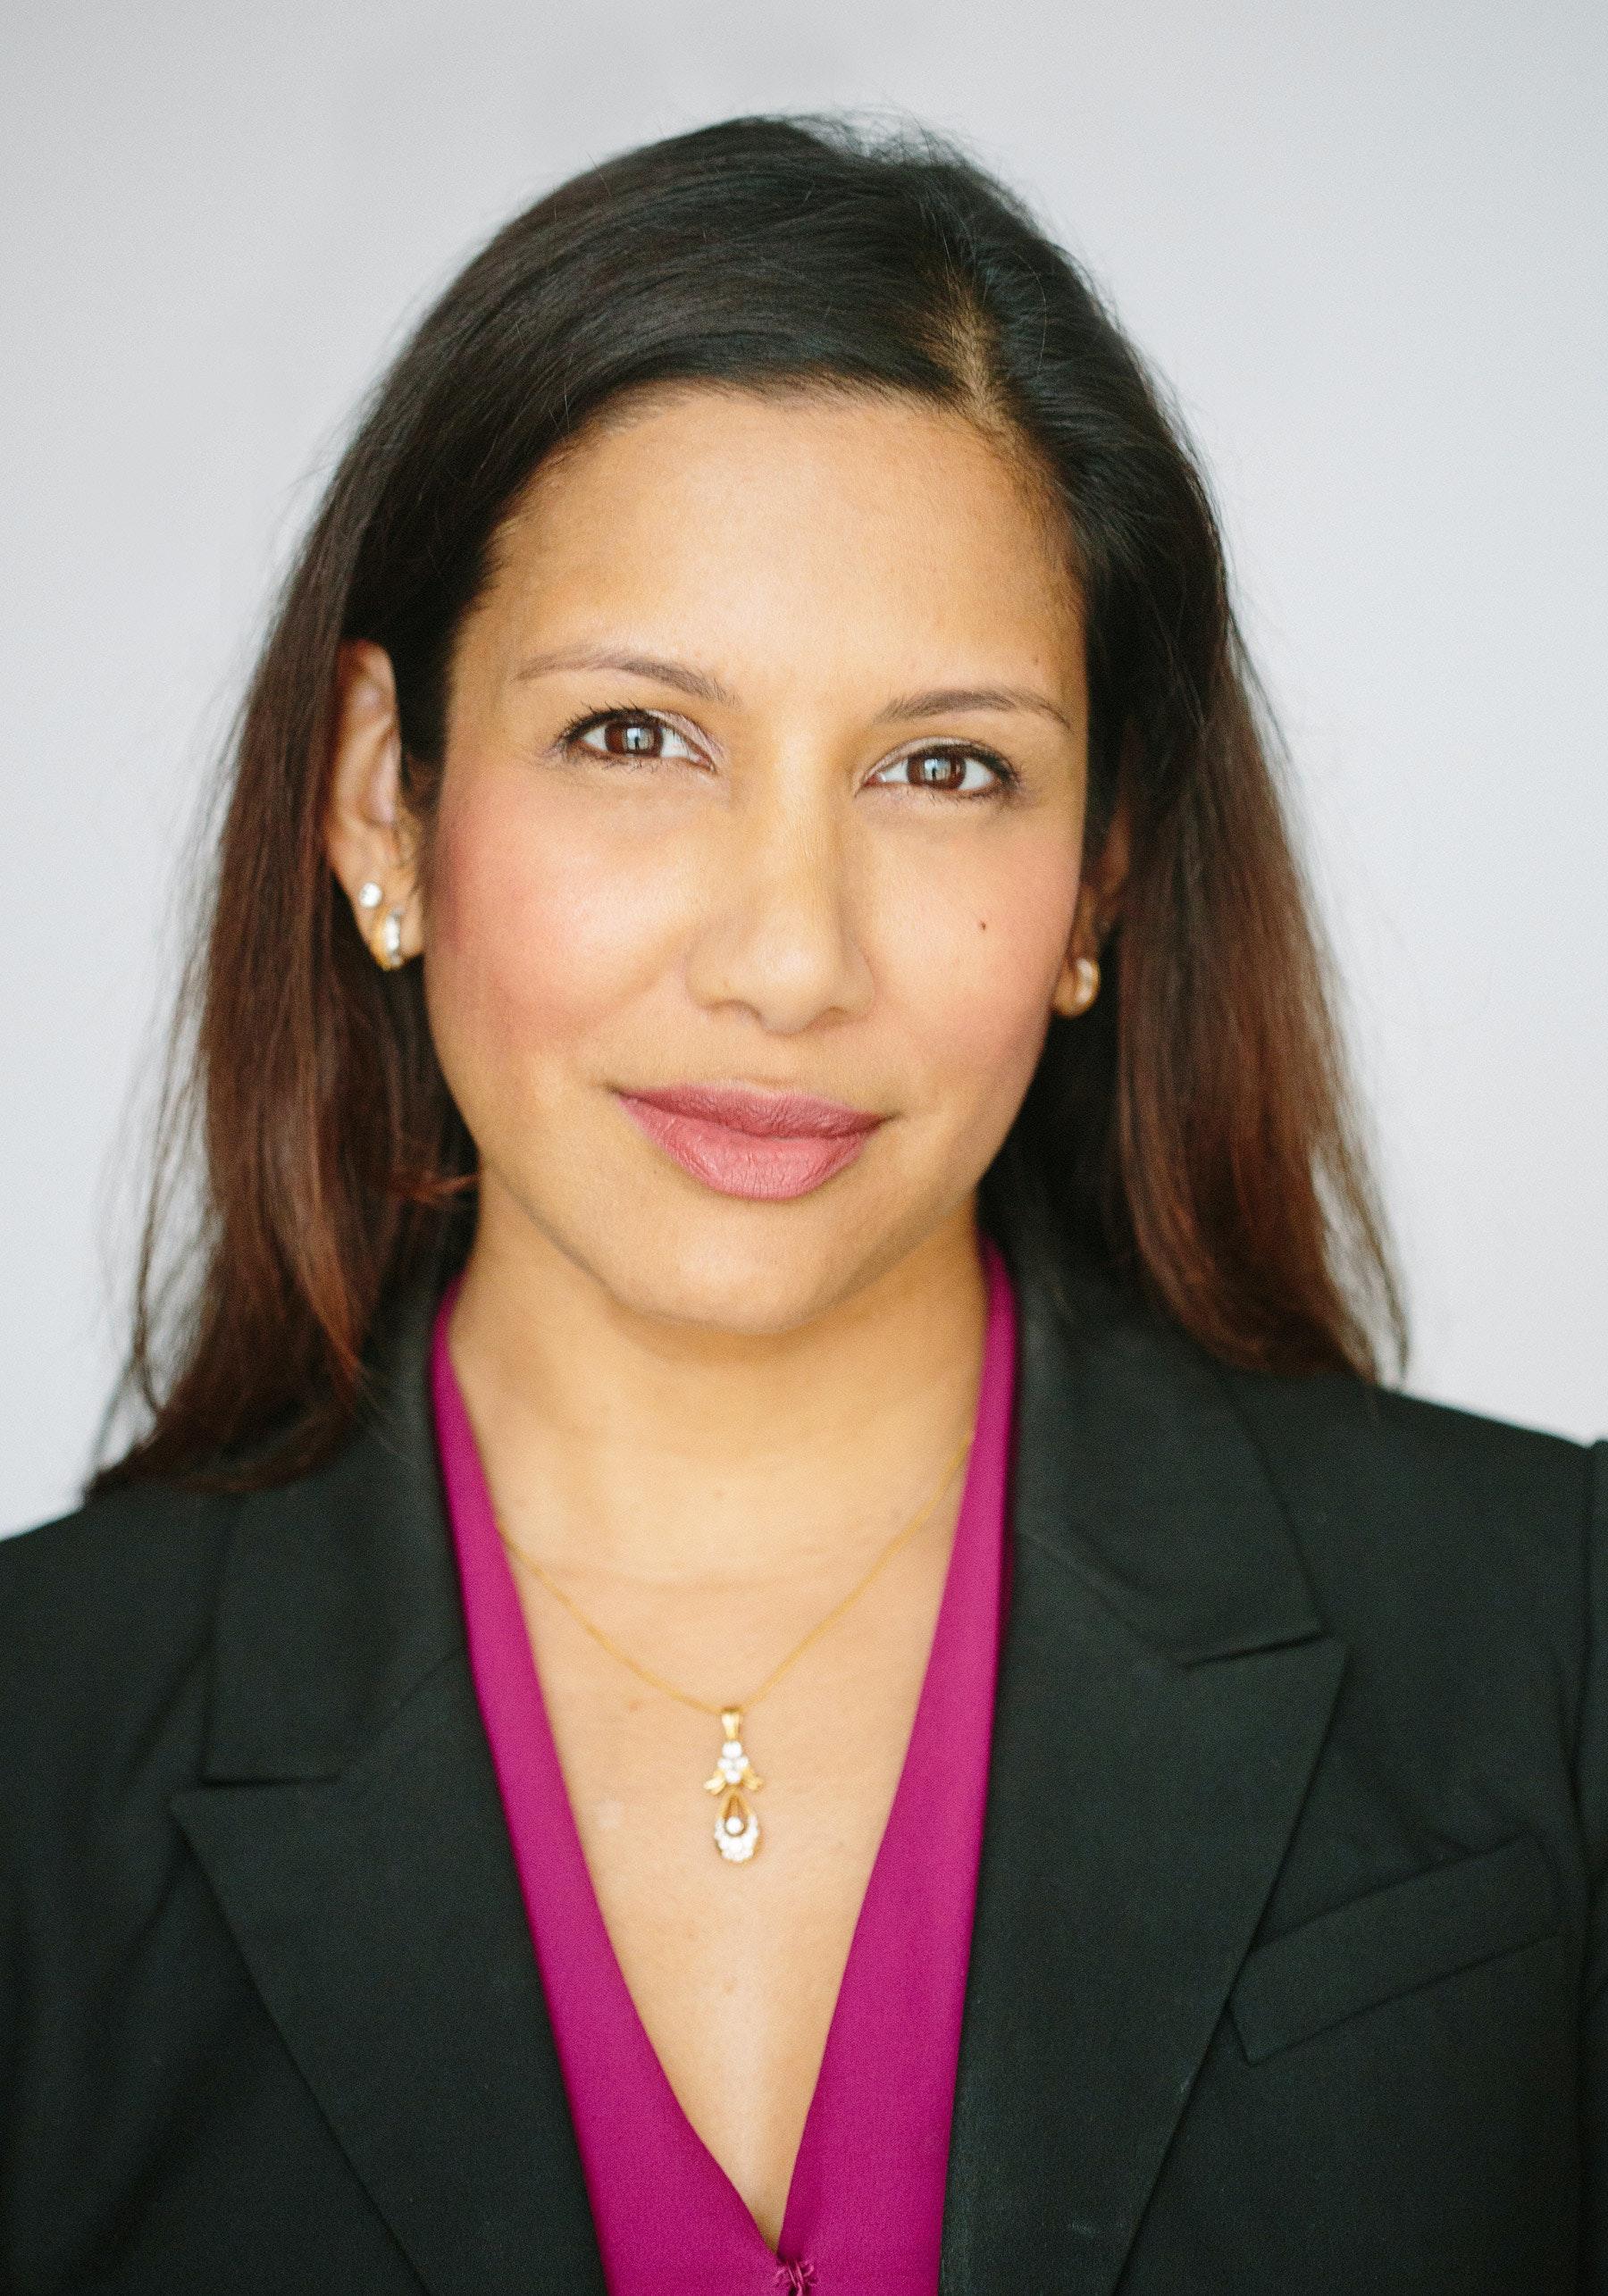 Photo of Anusha Alikhan